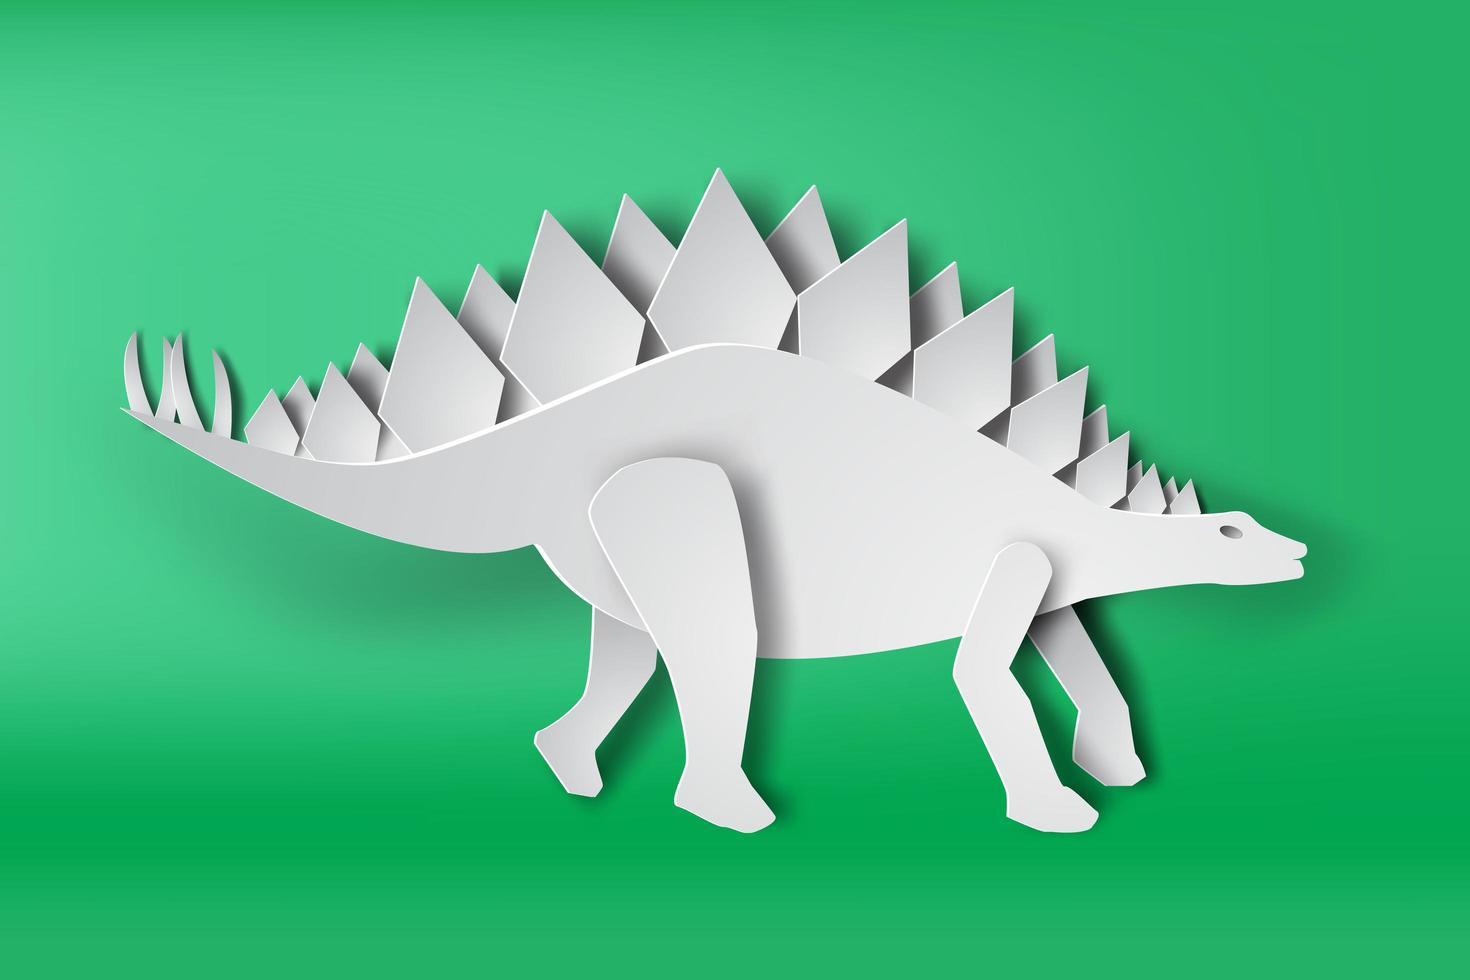 Papierkunst Stegosaurus Dinosaurier vektor